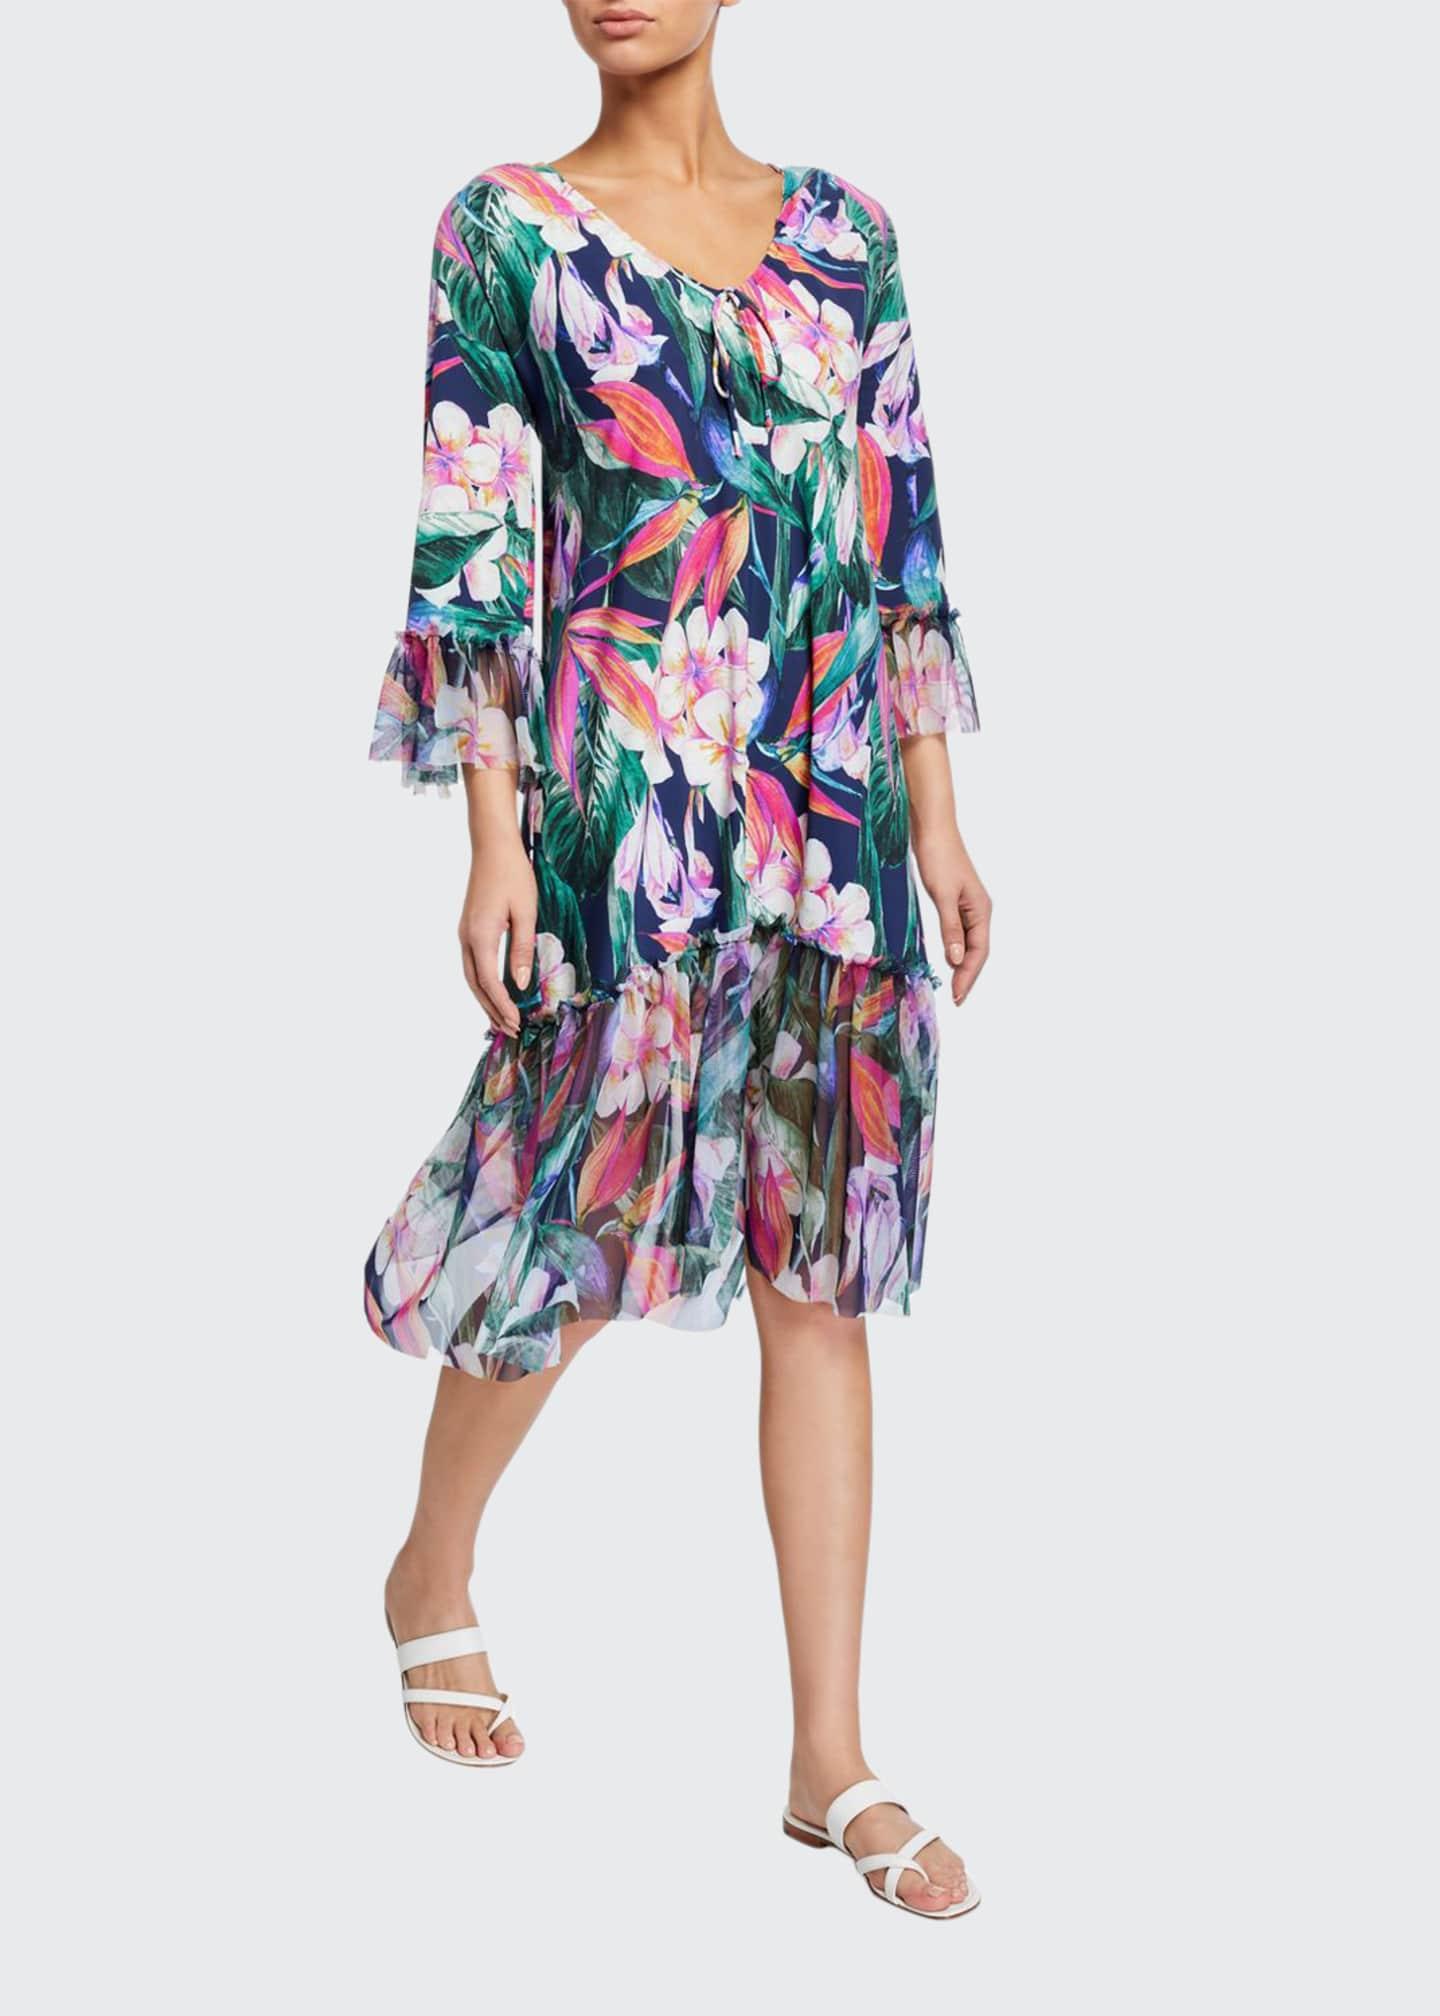 Chiara Boni La Petite Robe Zehra Floral Print